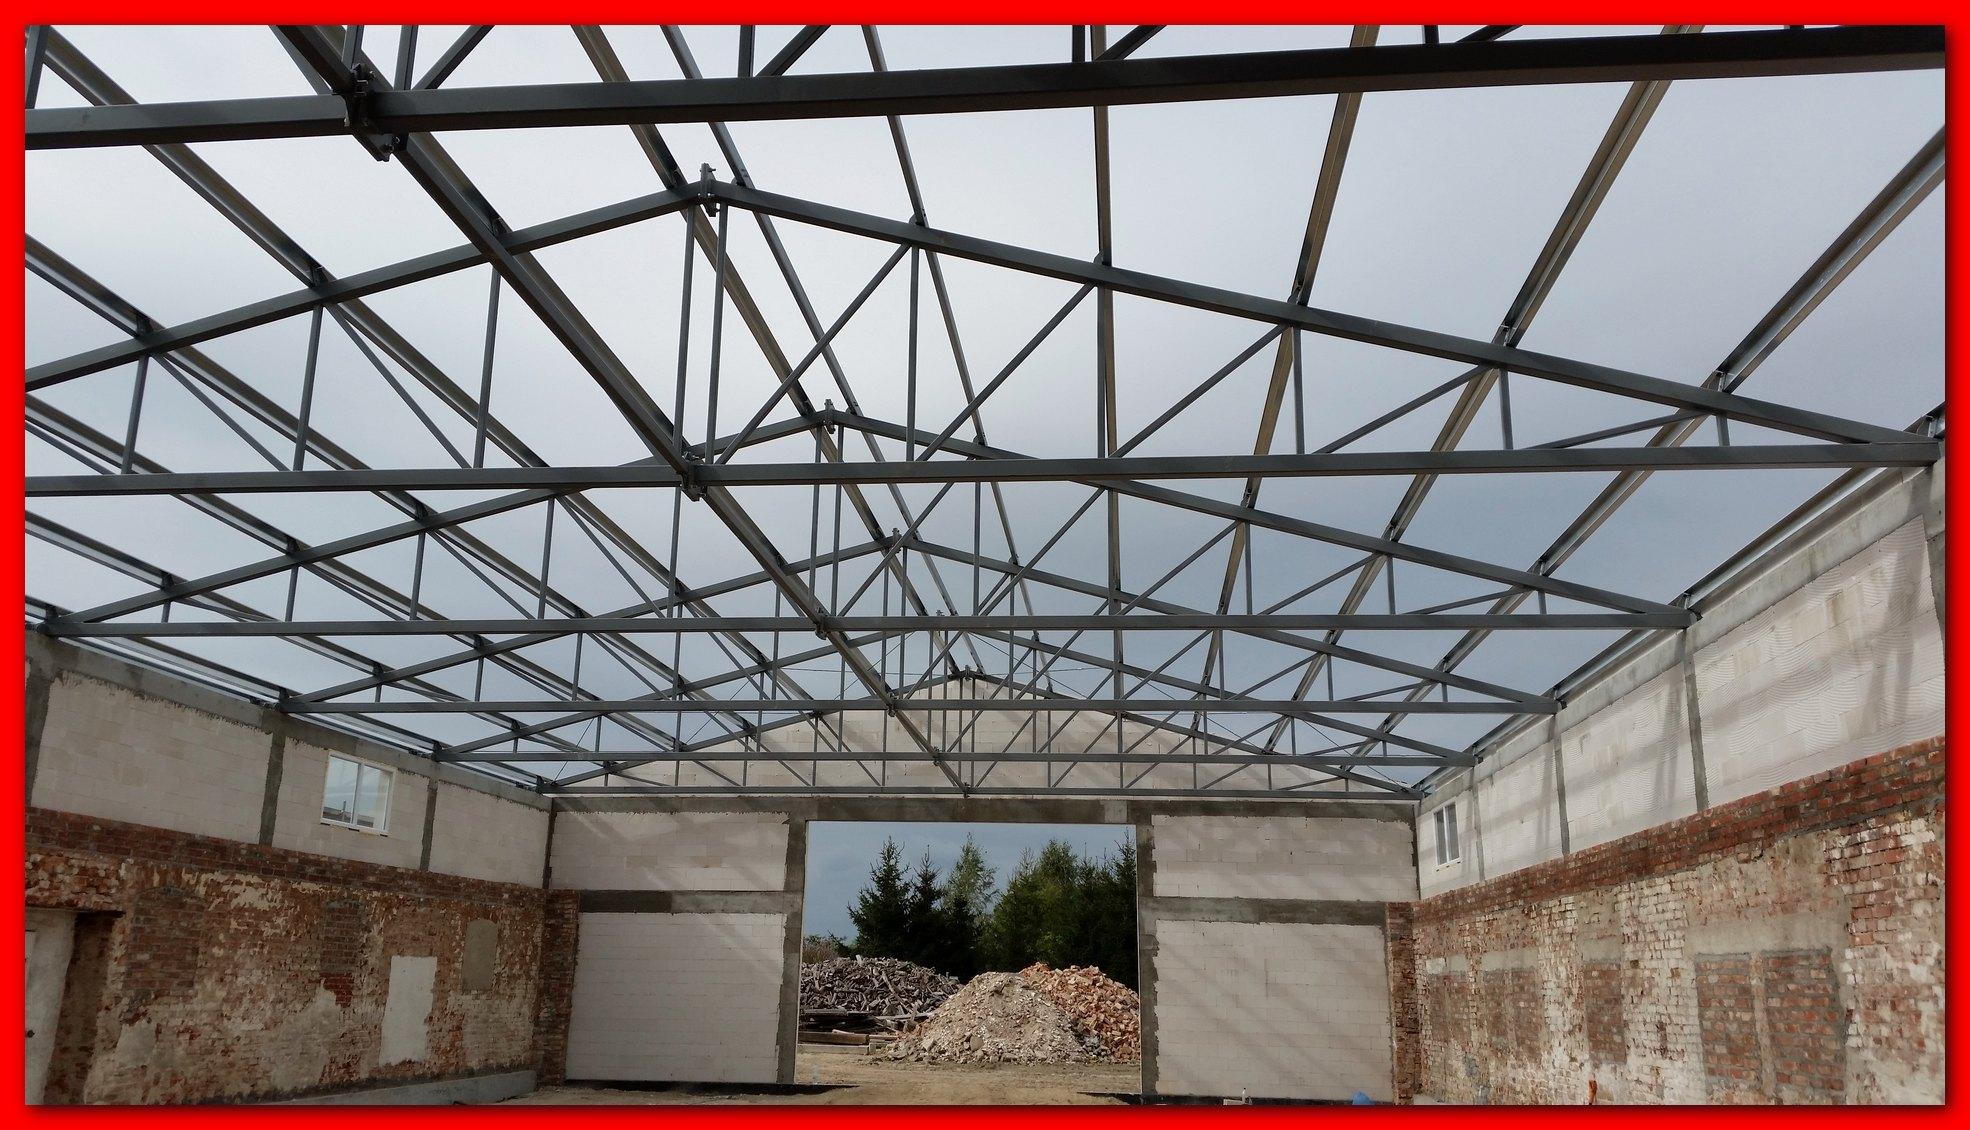 Nowość Konstrukcja stalowa dachu. Wiązary dachowe 16x37m. - 7113022457 OM48